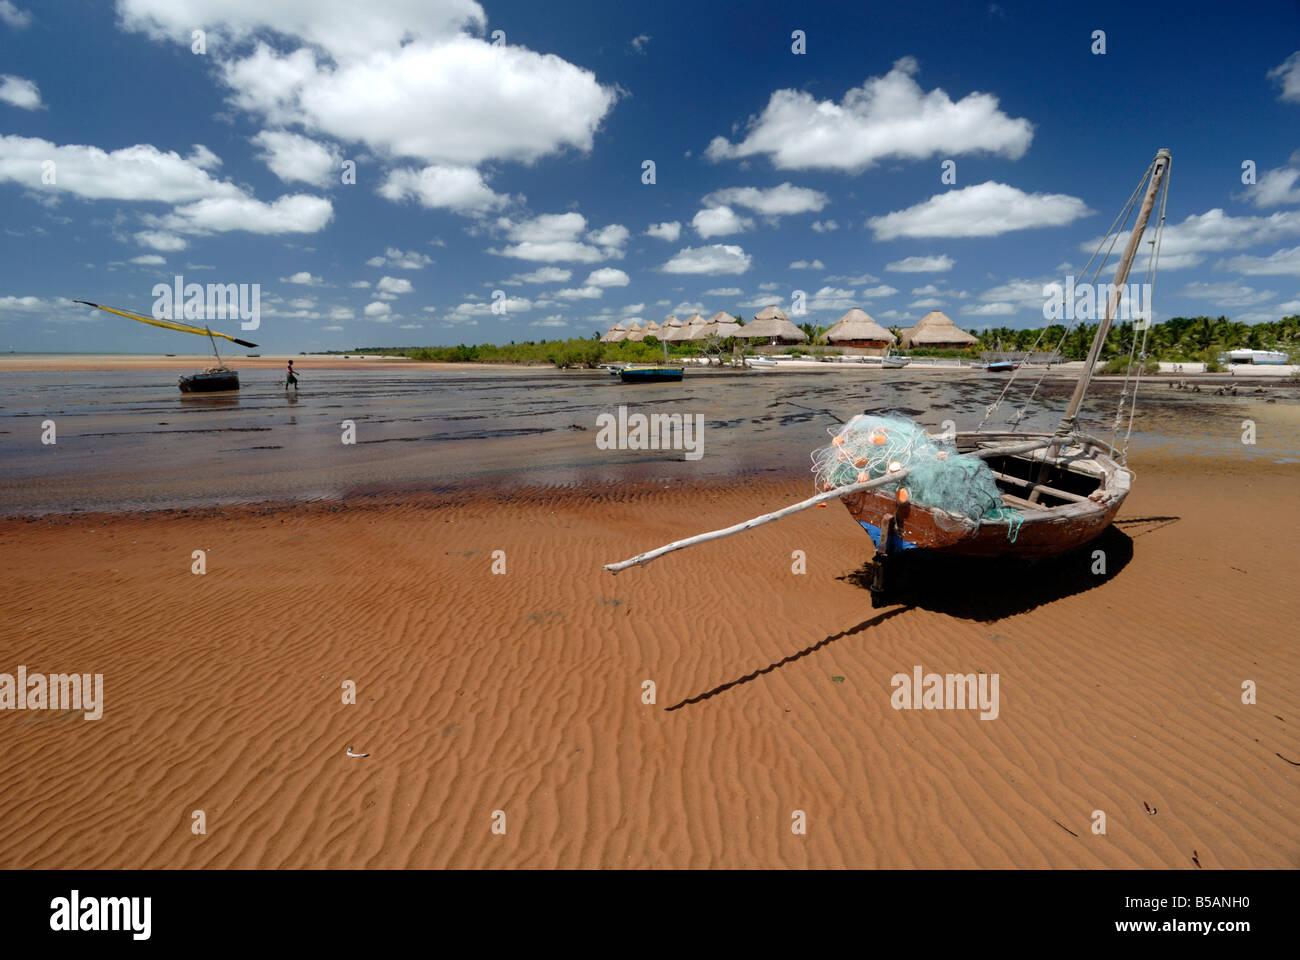 Resort, Vilanculo Beach, le Mozambique, l'Afrique de l'Est, l'Afrique Photo Stock